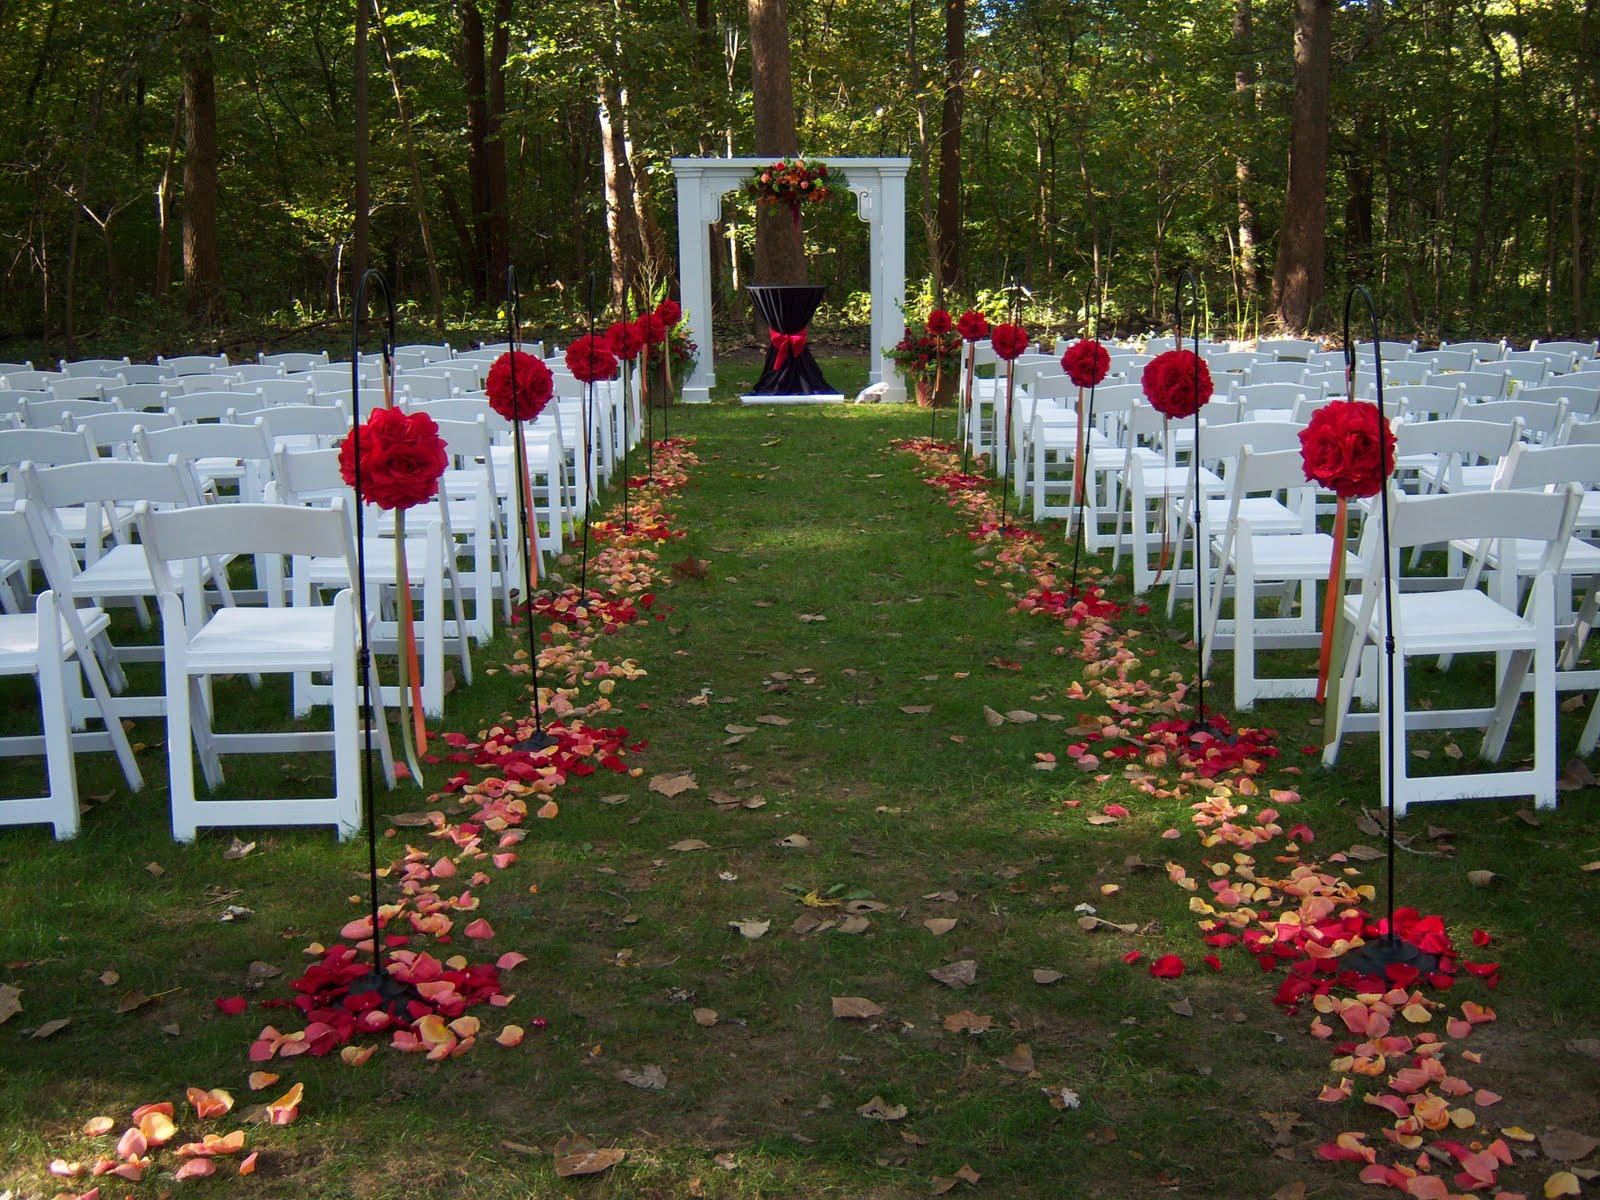 Summer Outdoor Wedding Ideas - Design On Vine